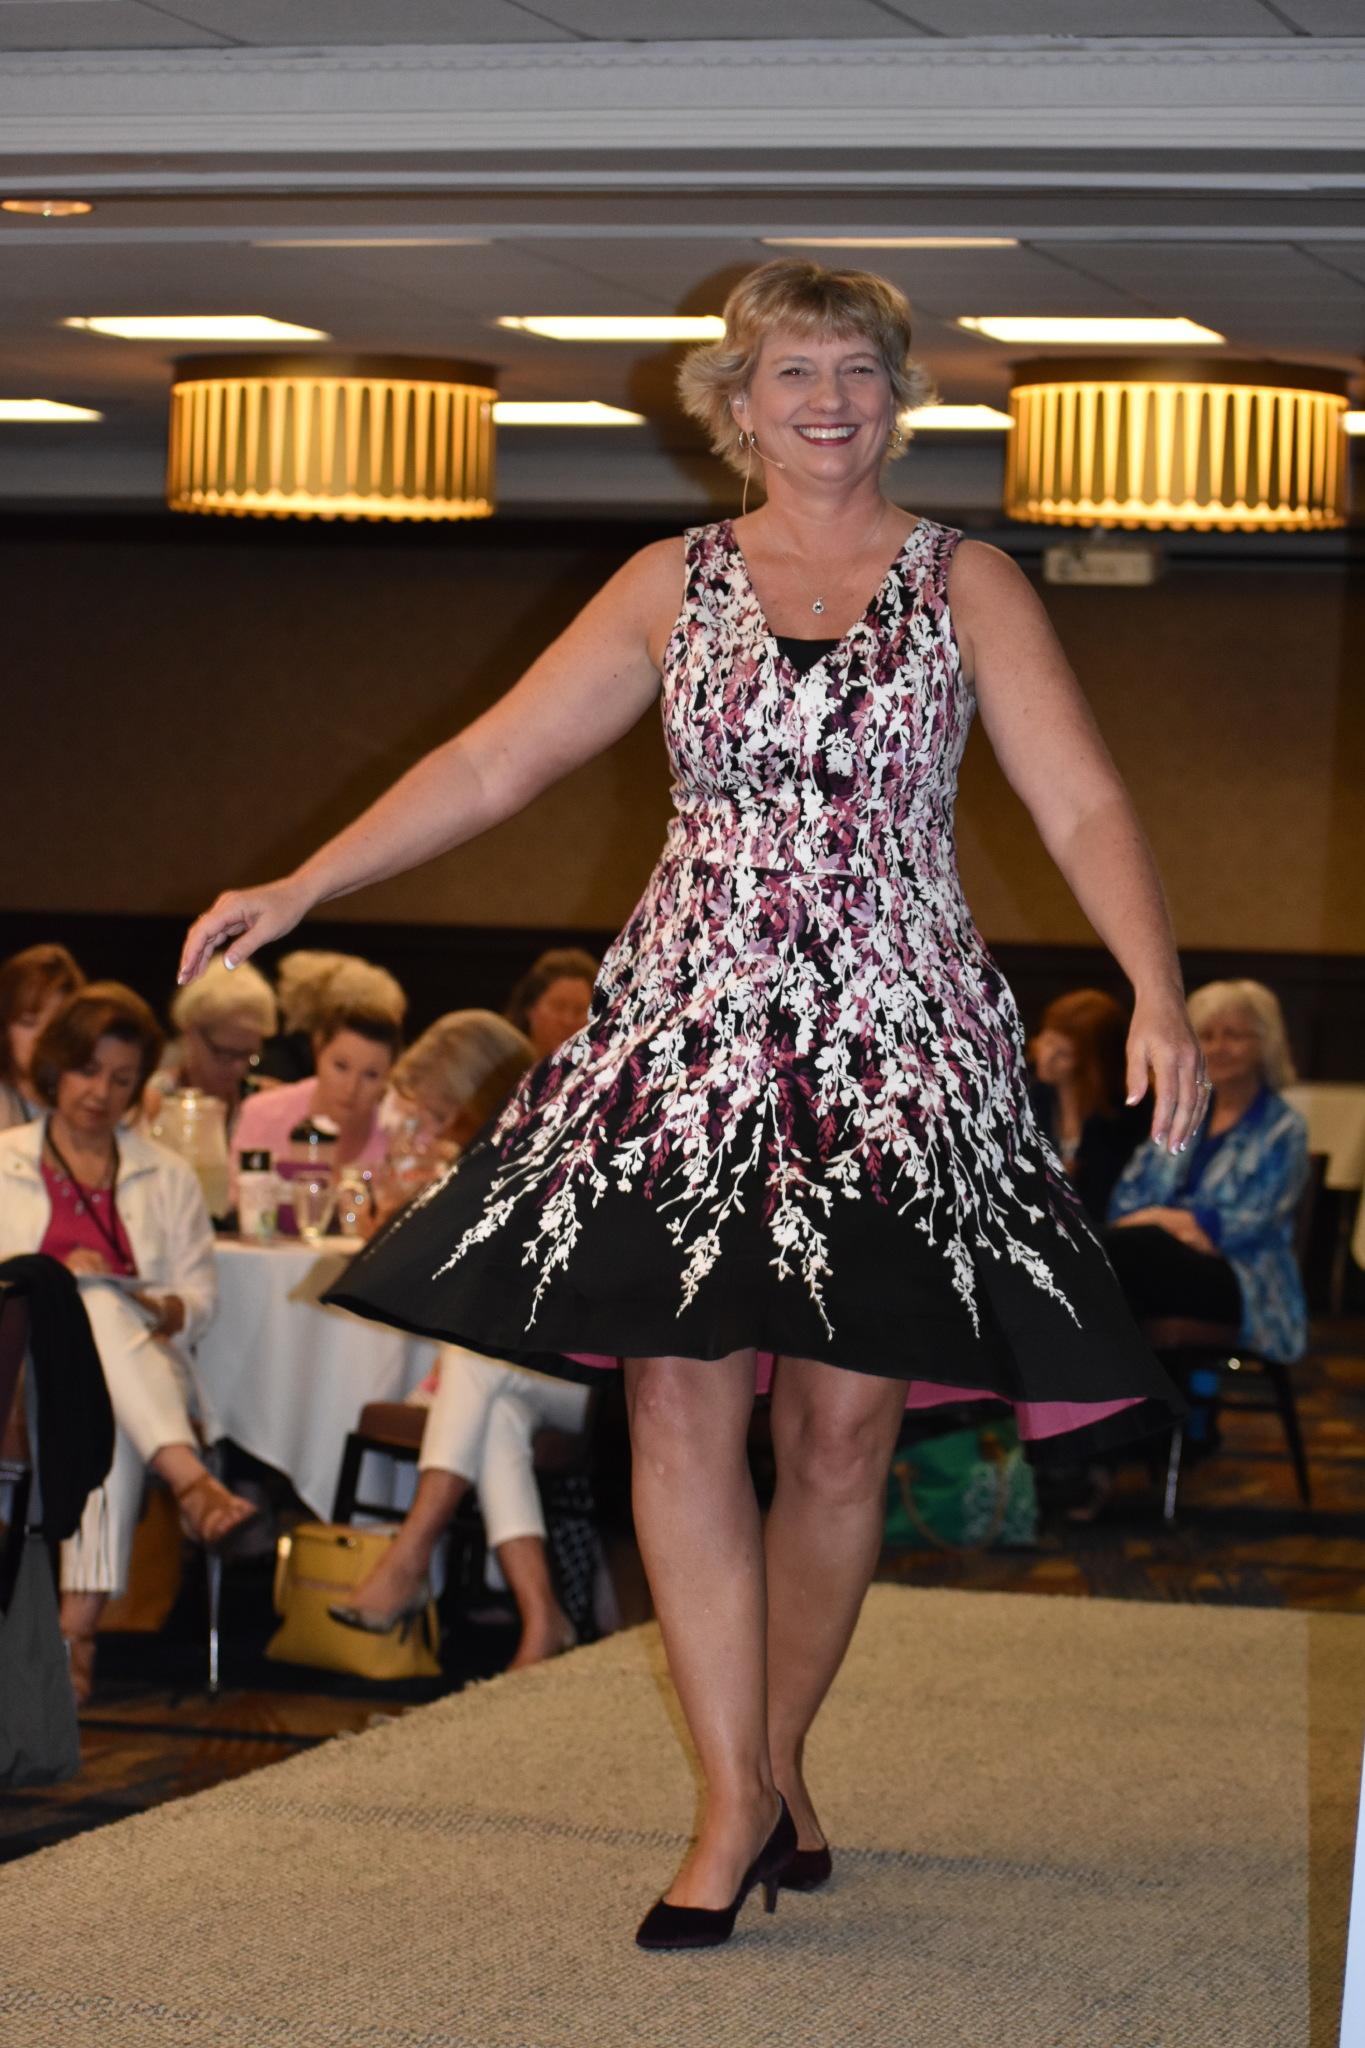 Lisa Dancing